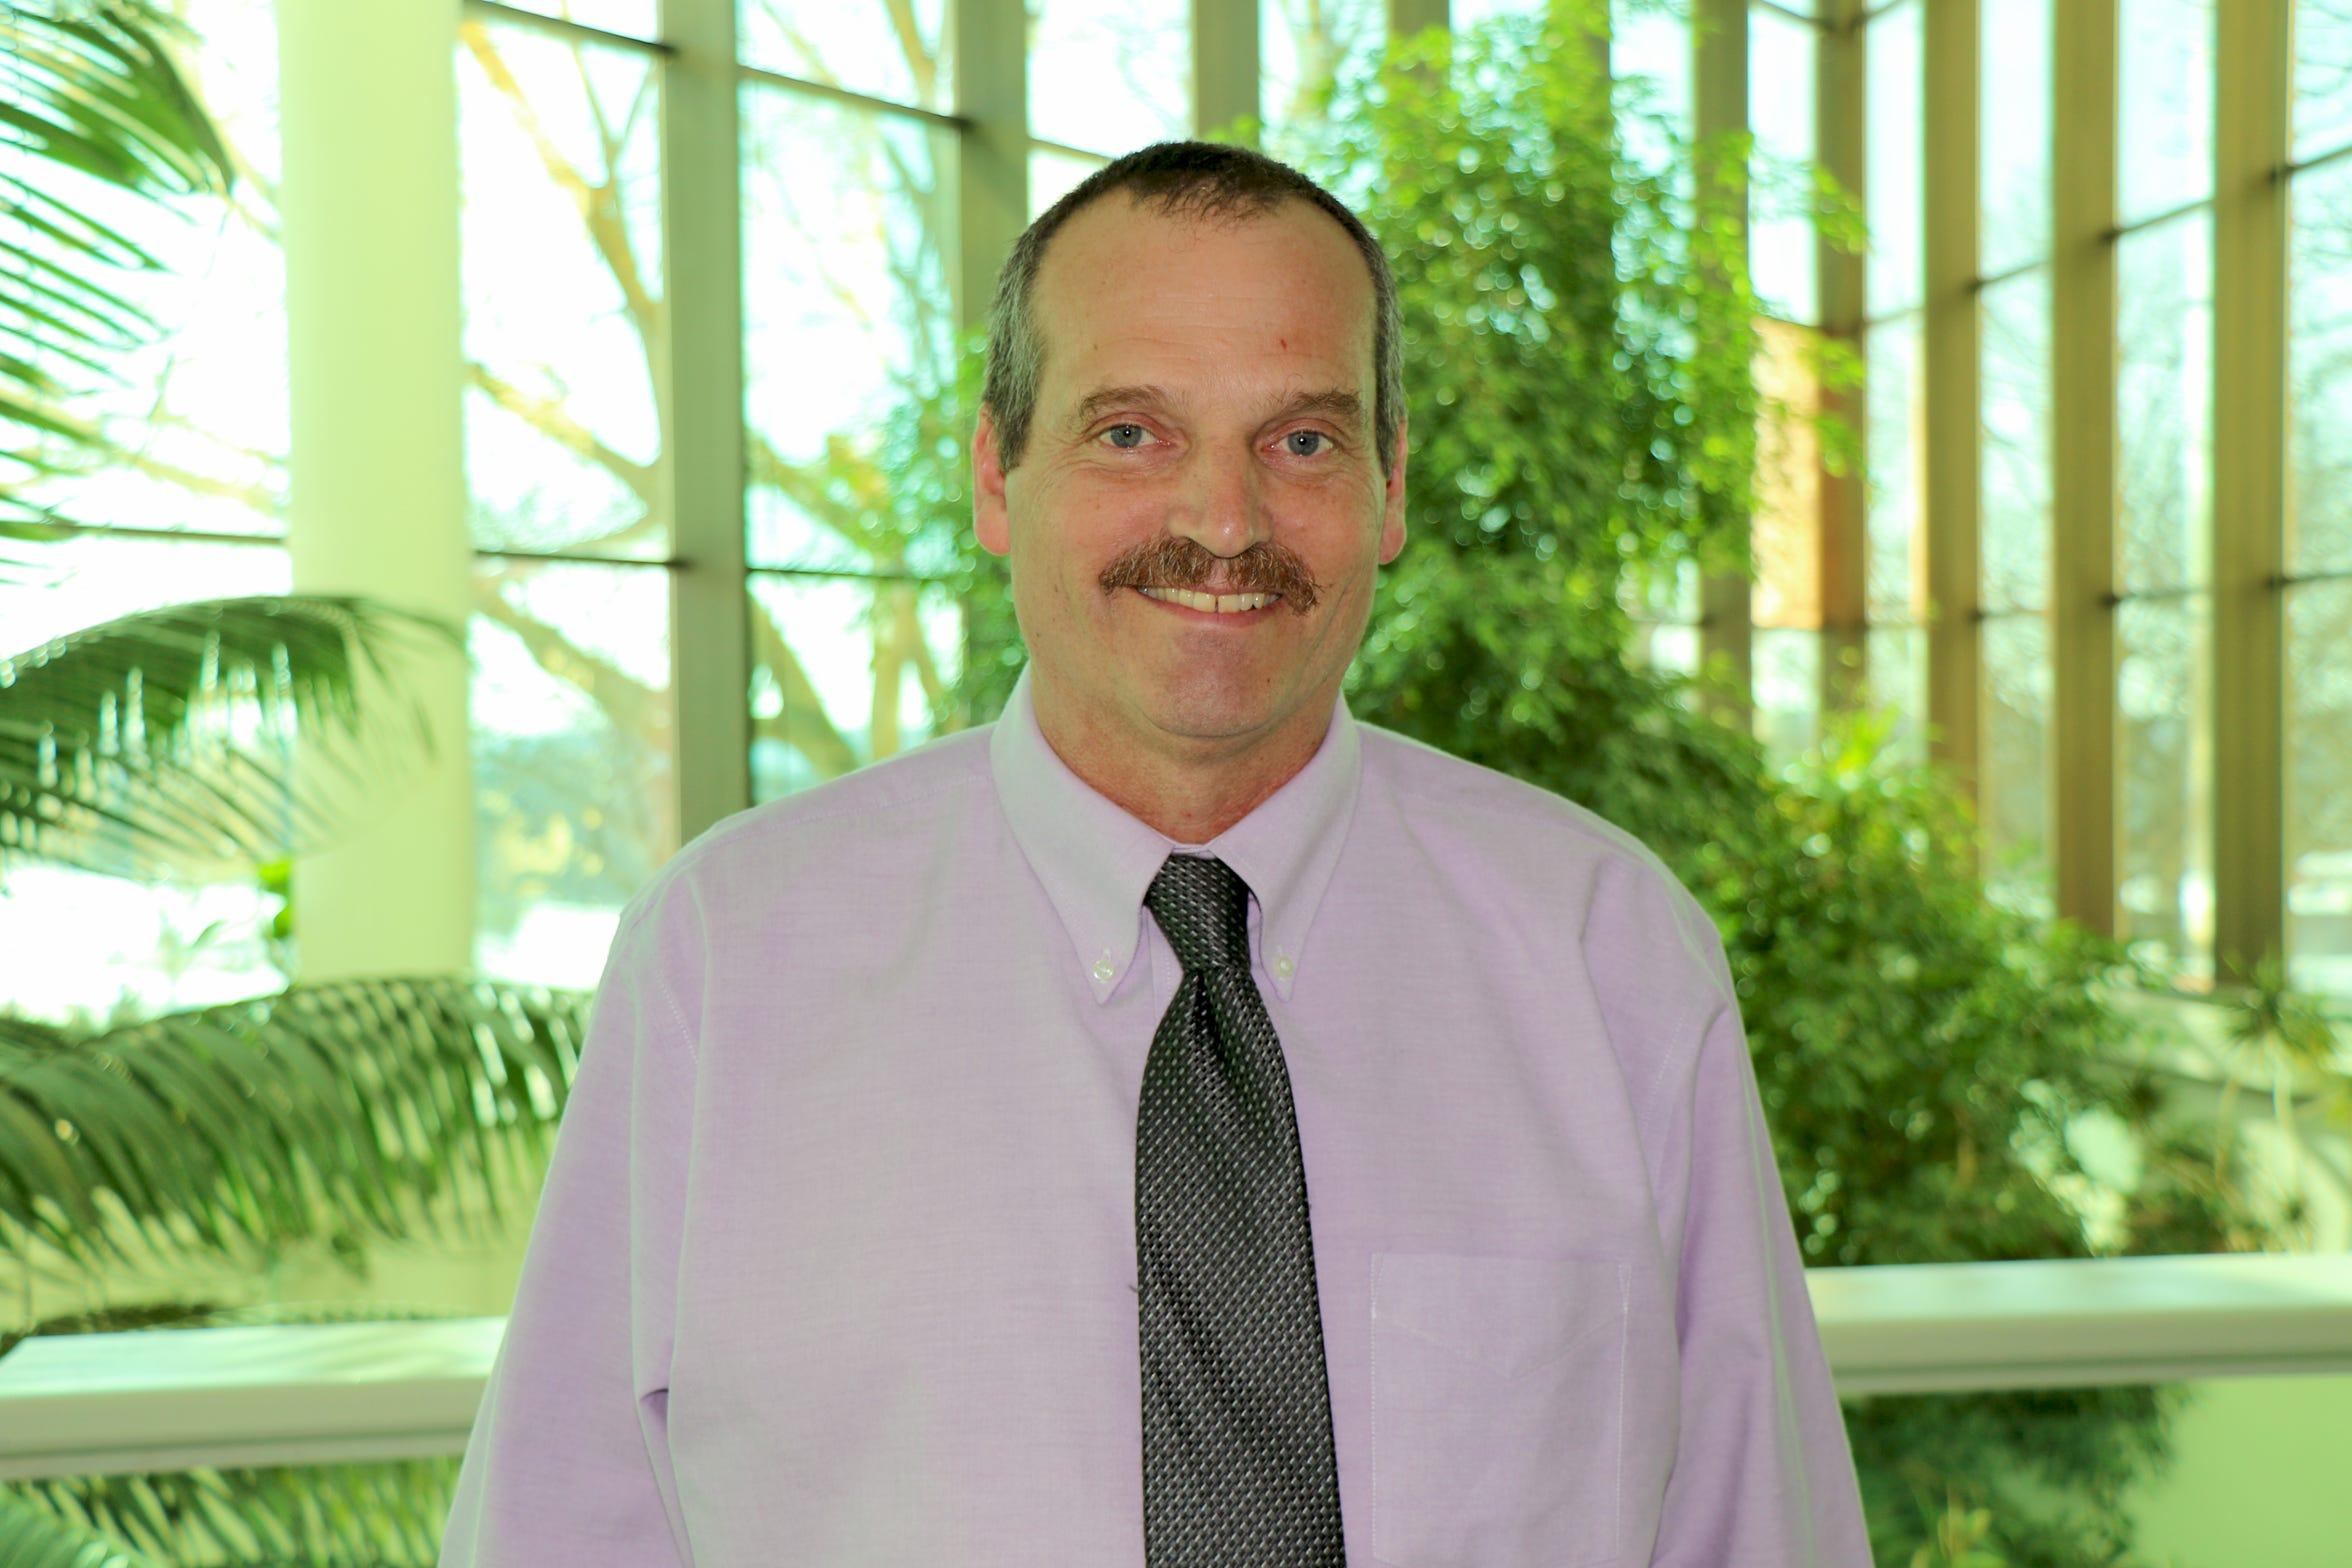 Iowa state veterinarian Dr. Jeff Kaisand